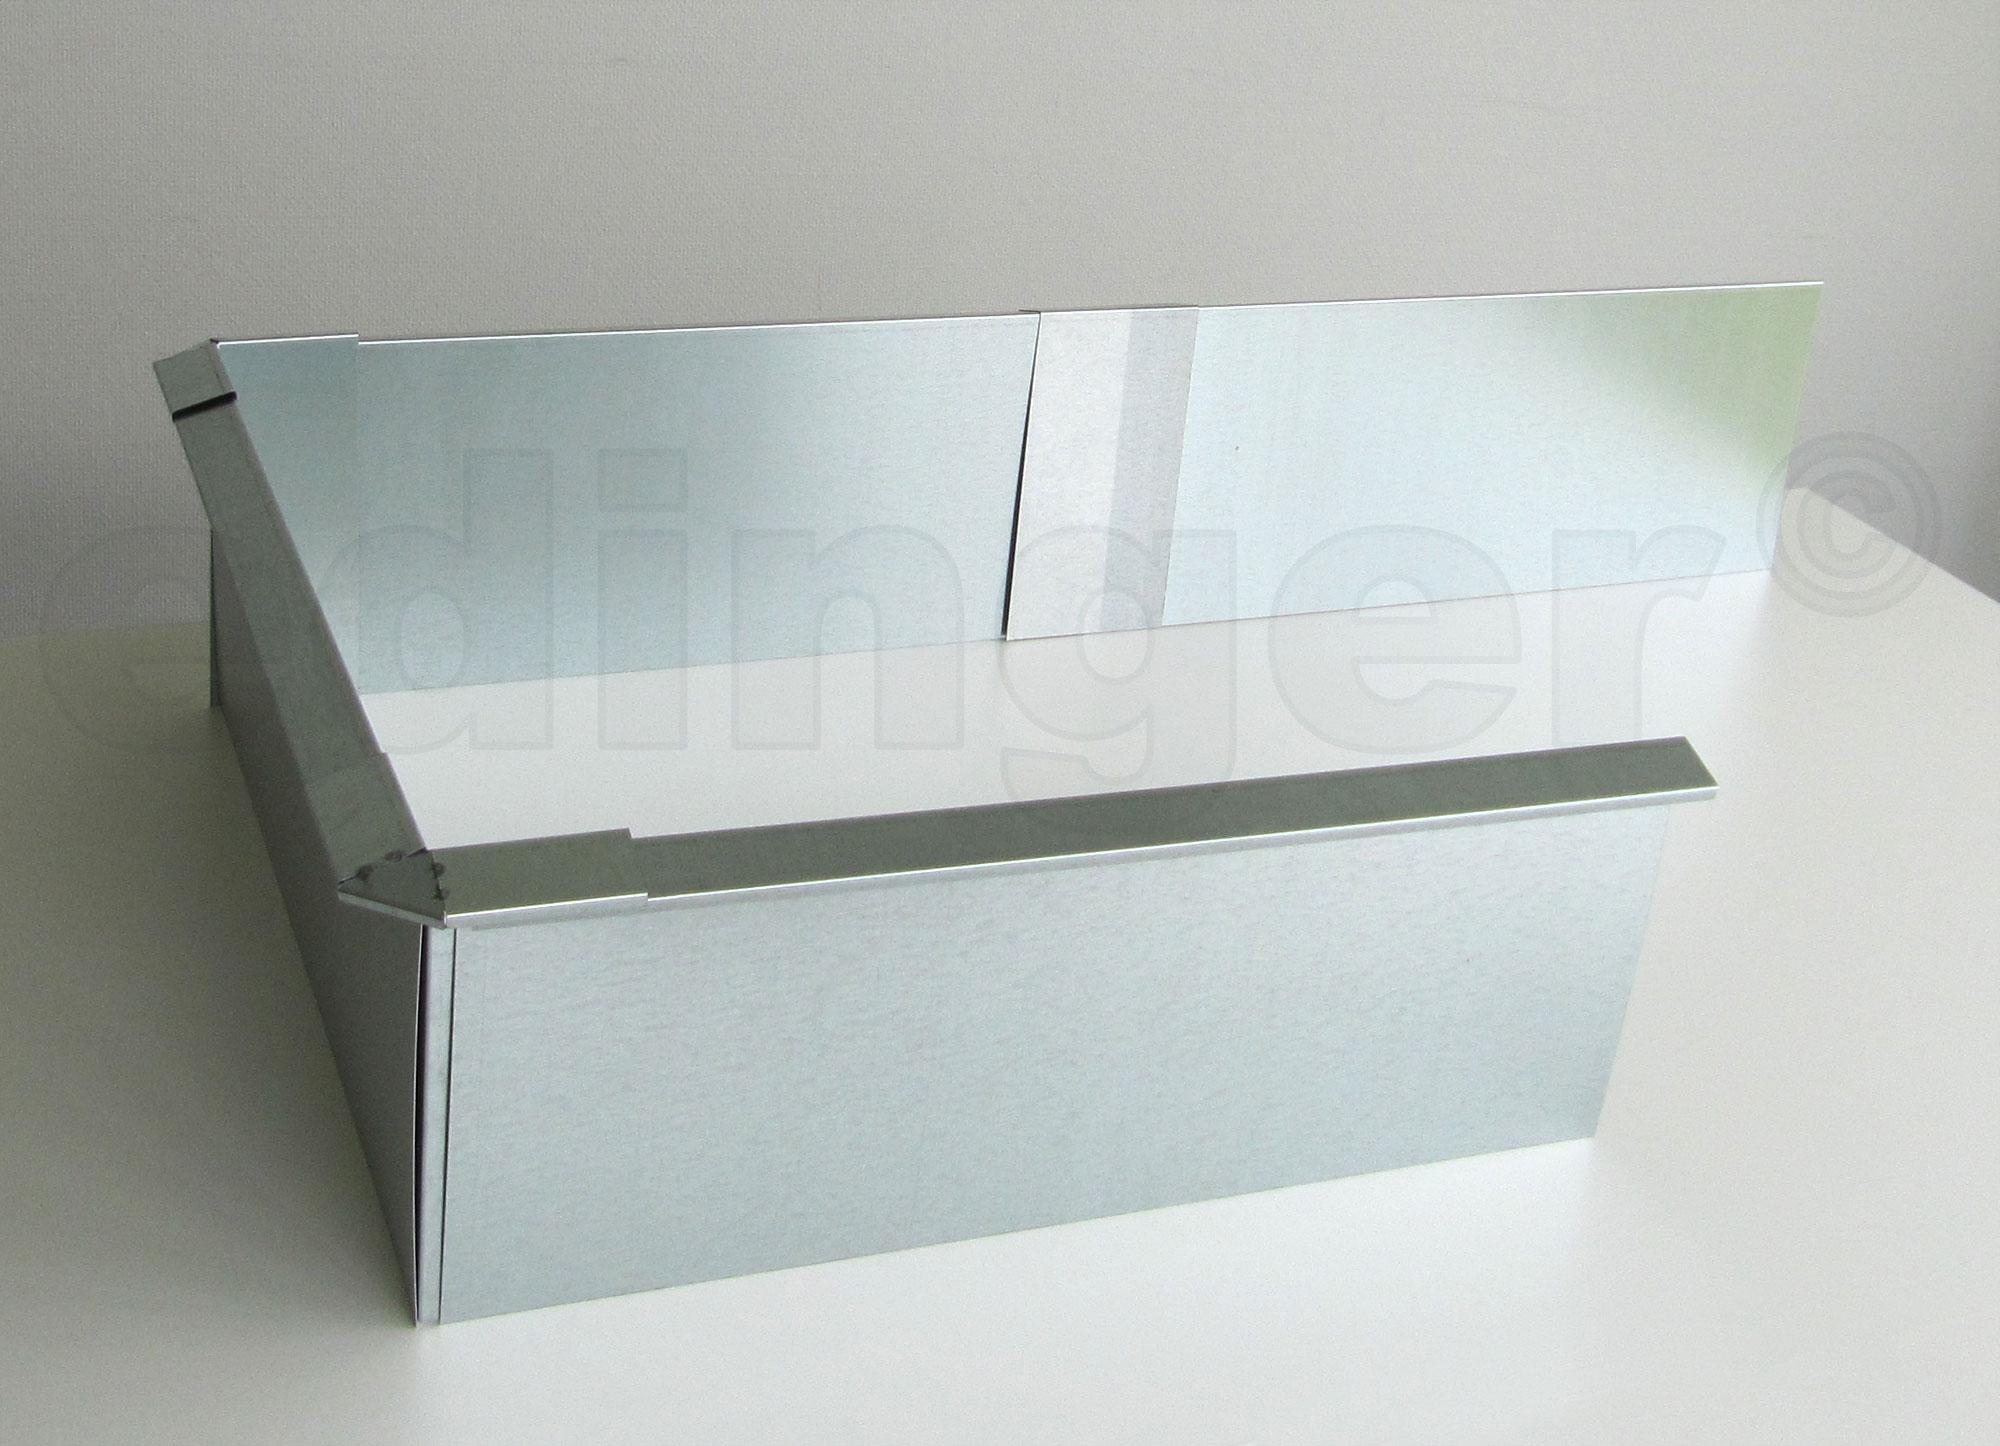 Schneckenzaun / Schneckenblech Metall für 6 m² Set Bild 3